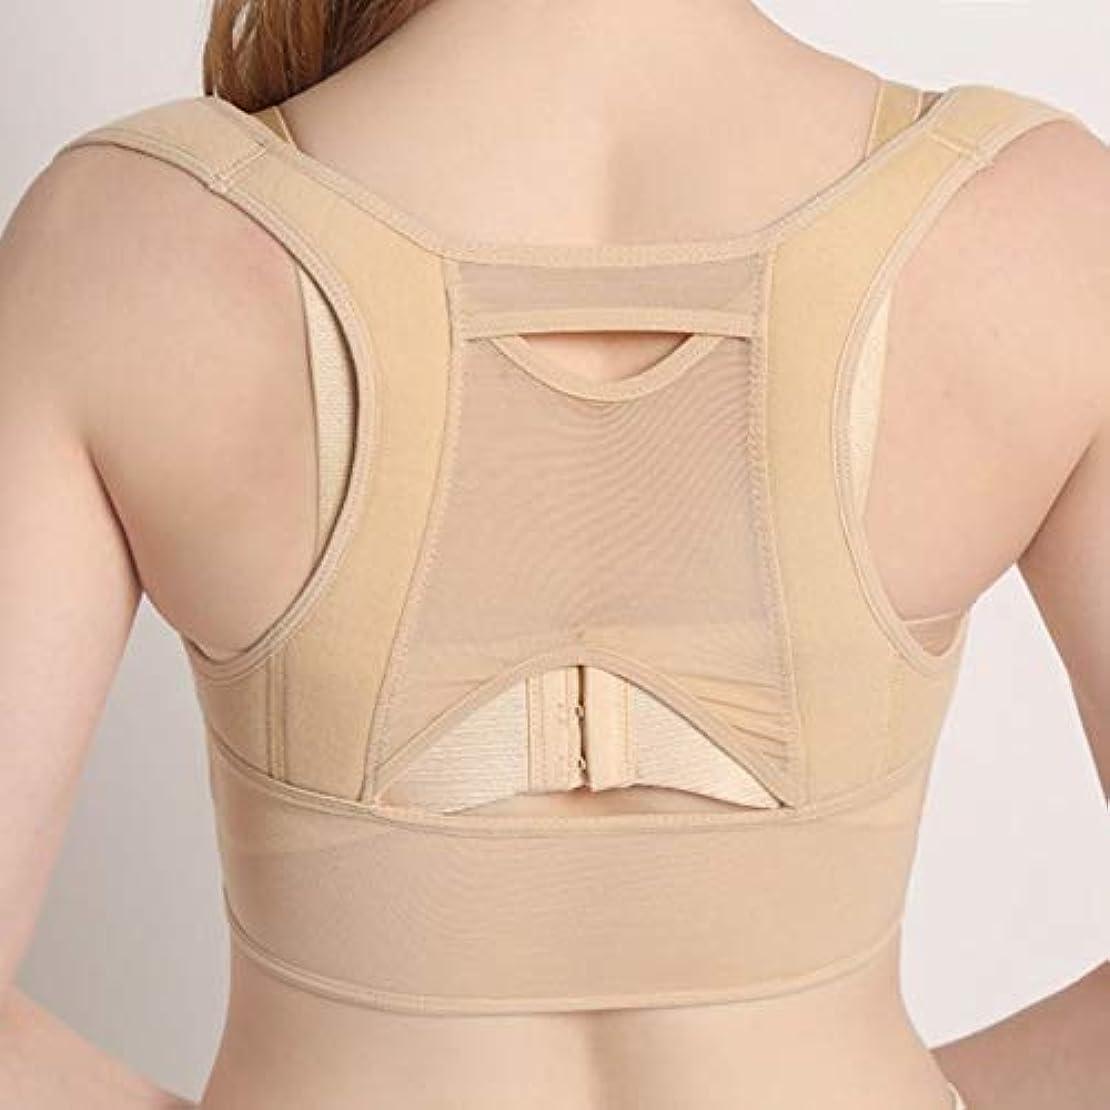 精通した生息地改修する女性の背部姿勢補正コルセット整形外科の上部背部肩背骨姿勢補正器腰椎サポート-ベージュホワイトM